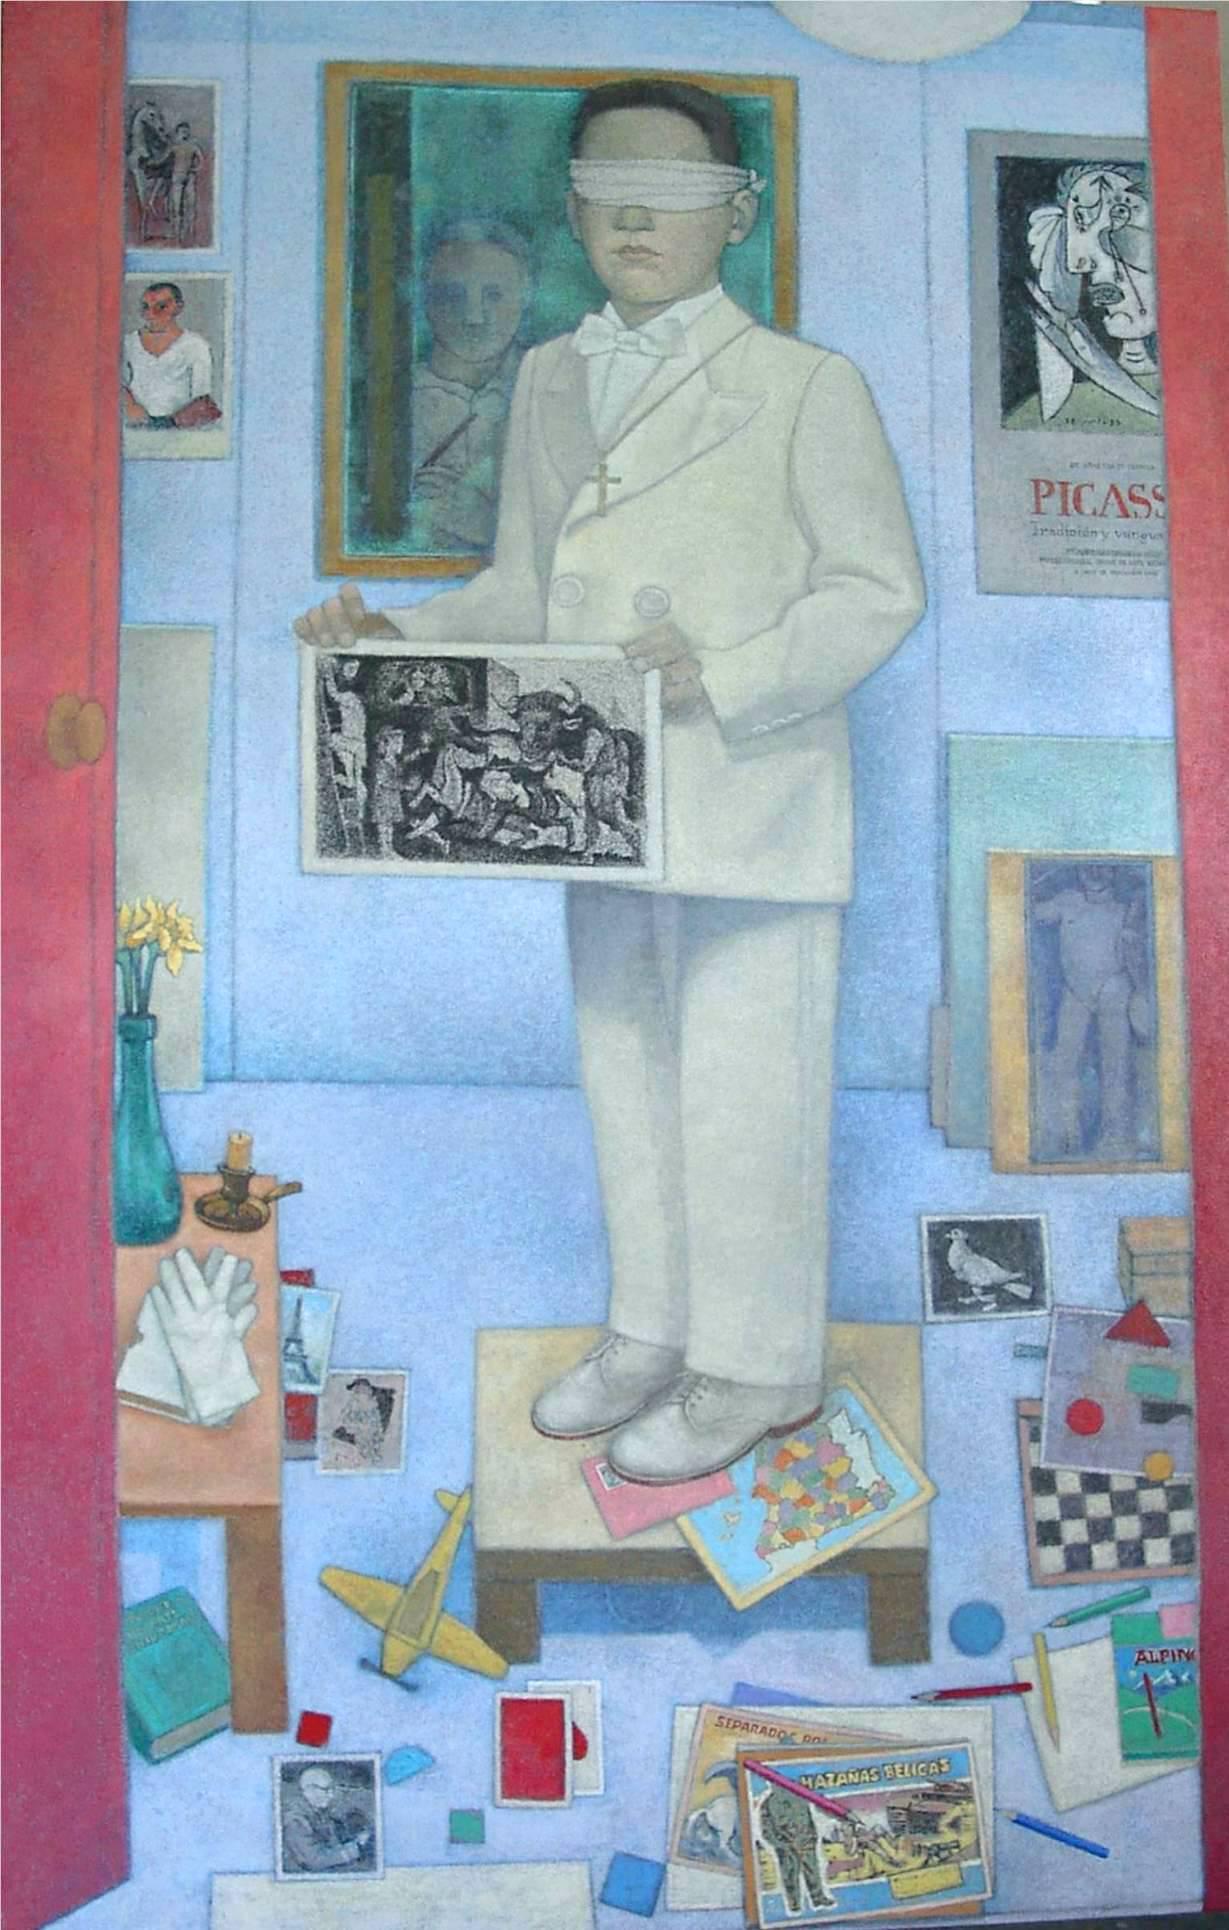 El arte de la memoria, homenaje a Picasso, 2006, Acrílico sobre lienzo, 162×97 cm.